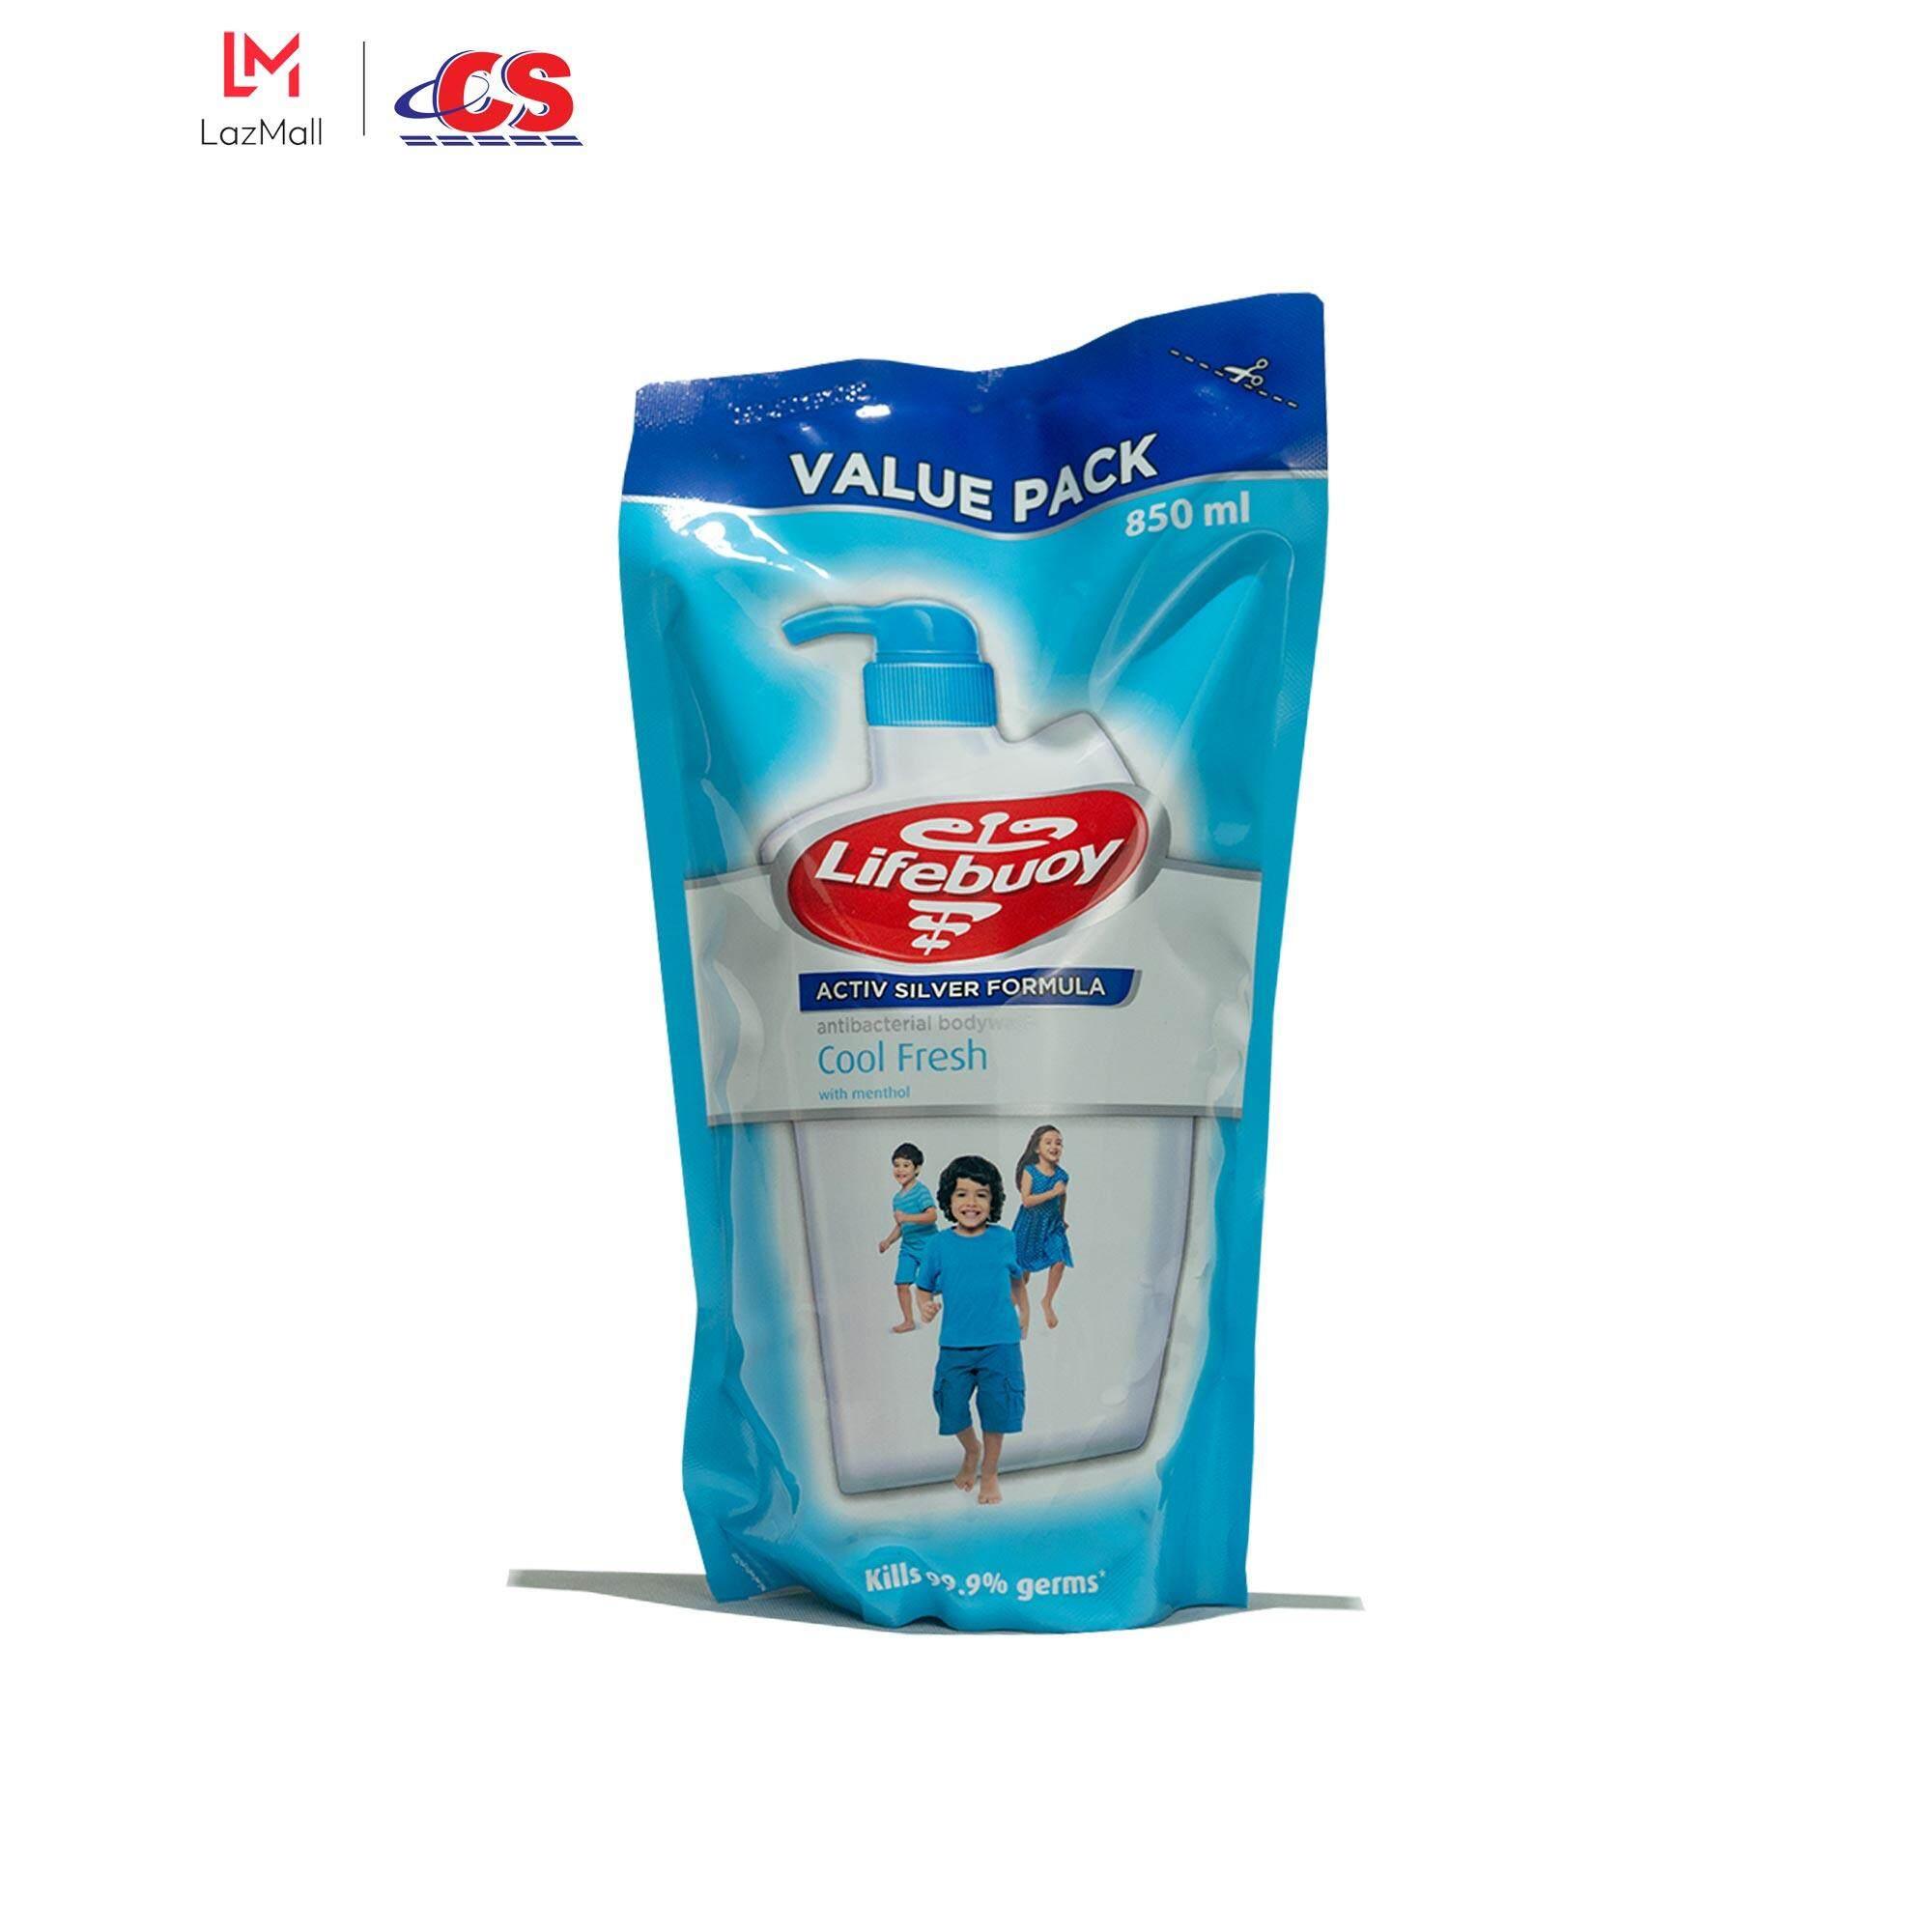 LIFEBUOY Bodywash Cool Fresh Refill 850ml